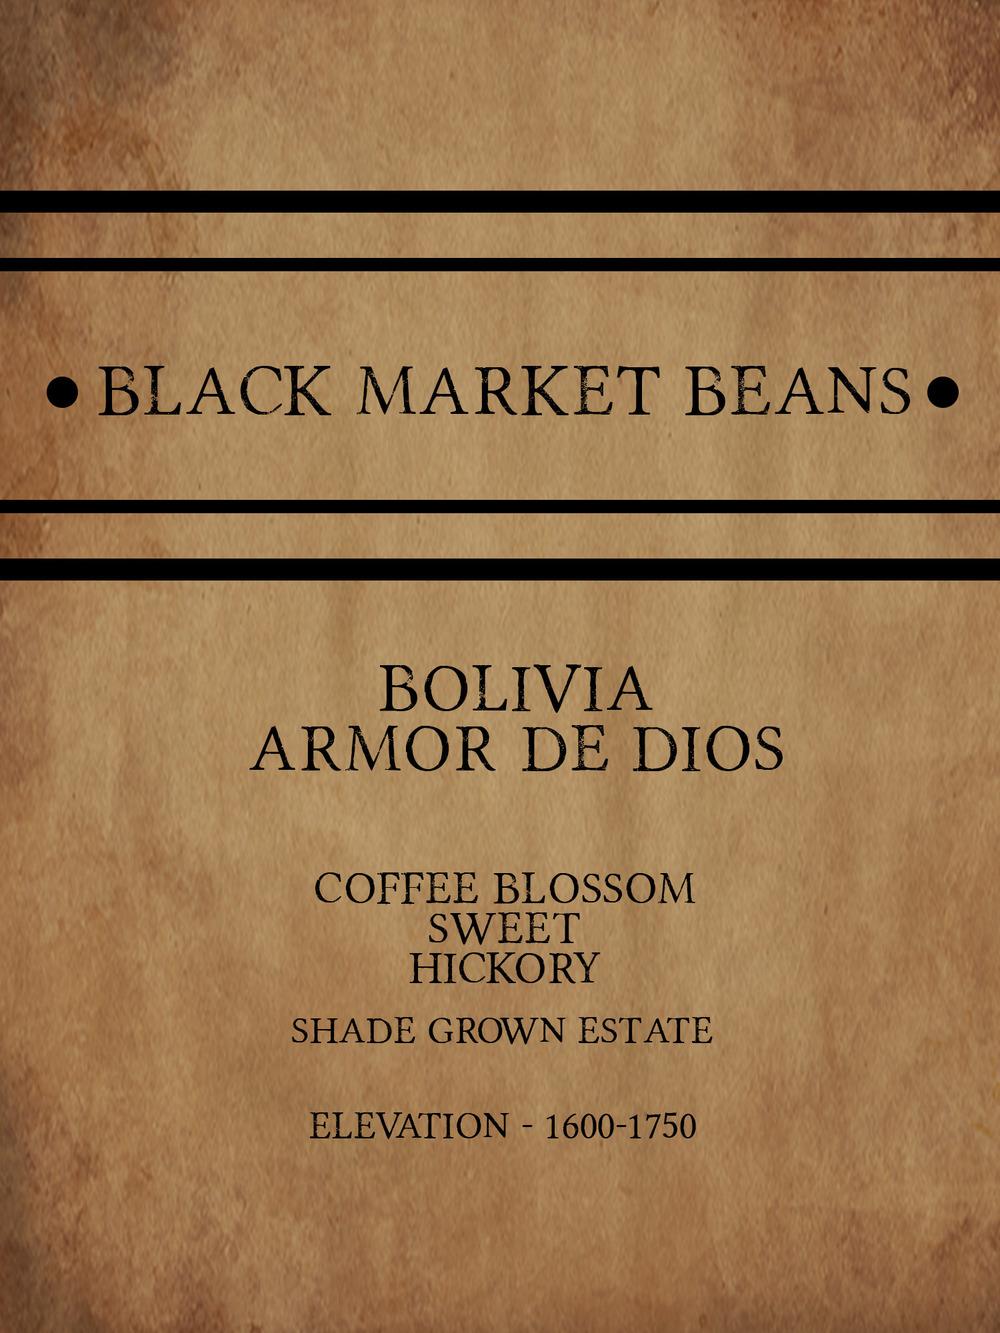 coffee_Bolivia_Armor_de_Dios.jpg